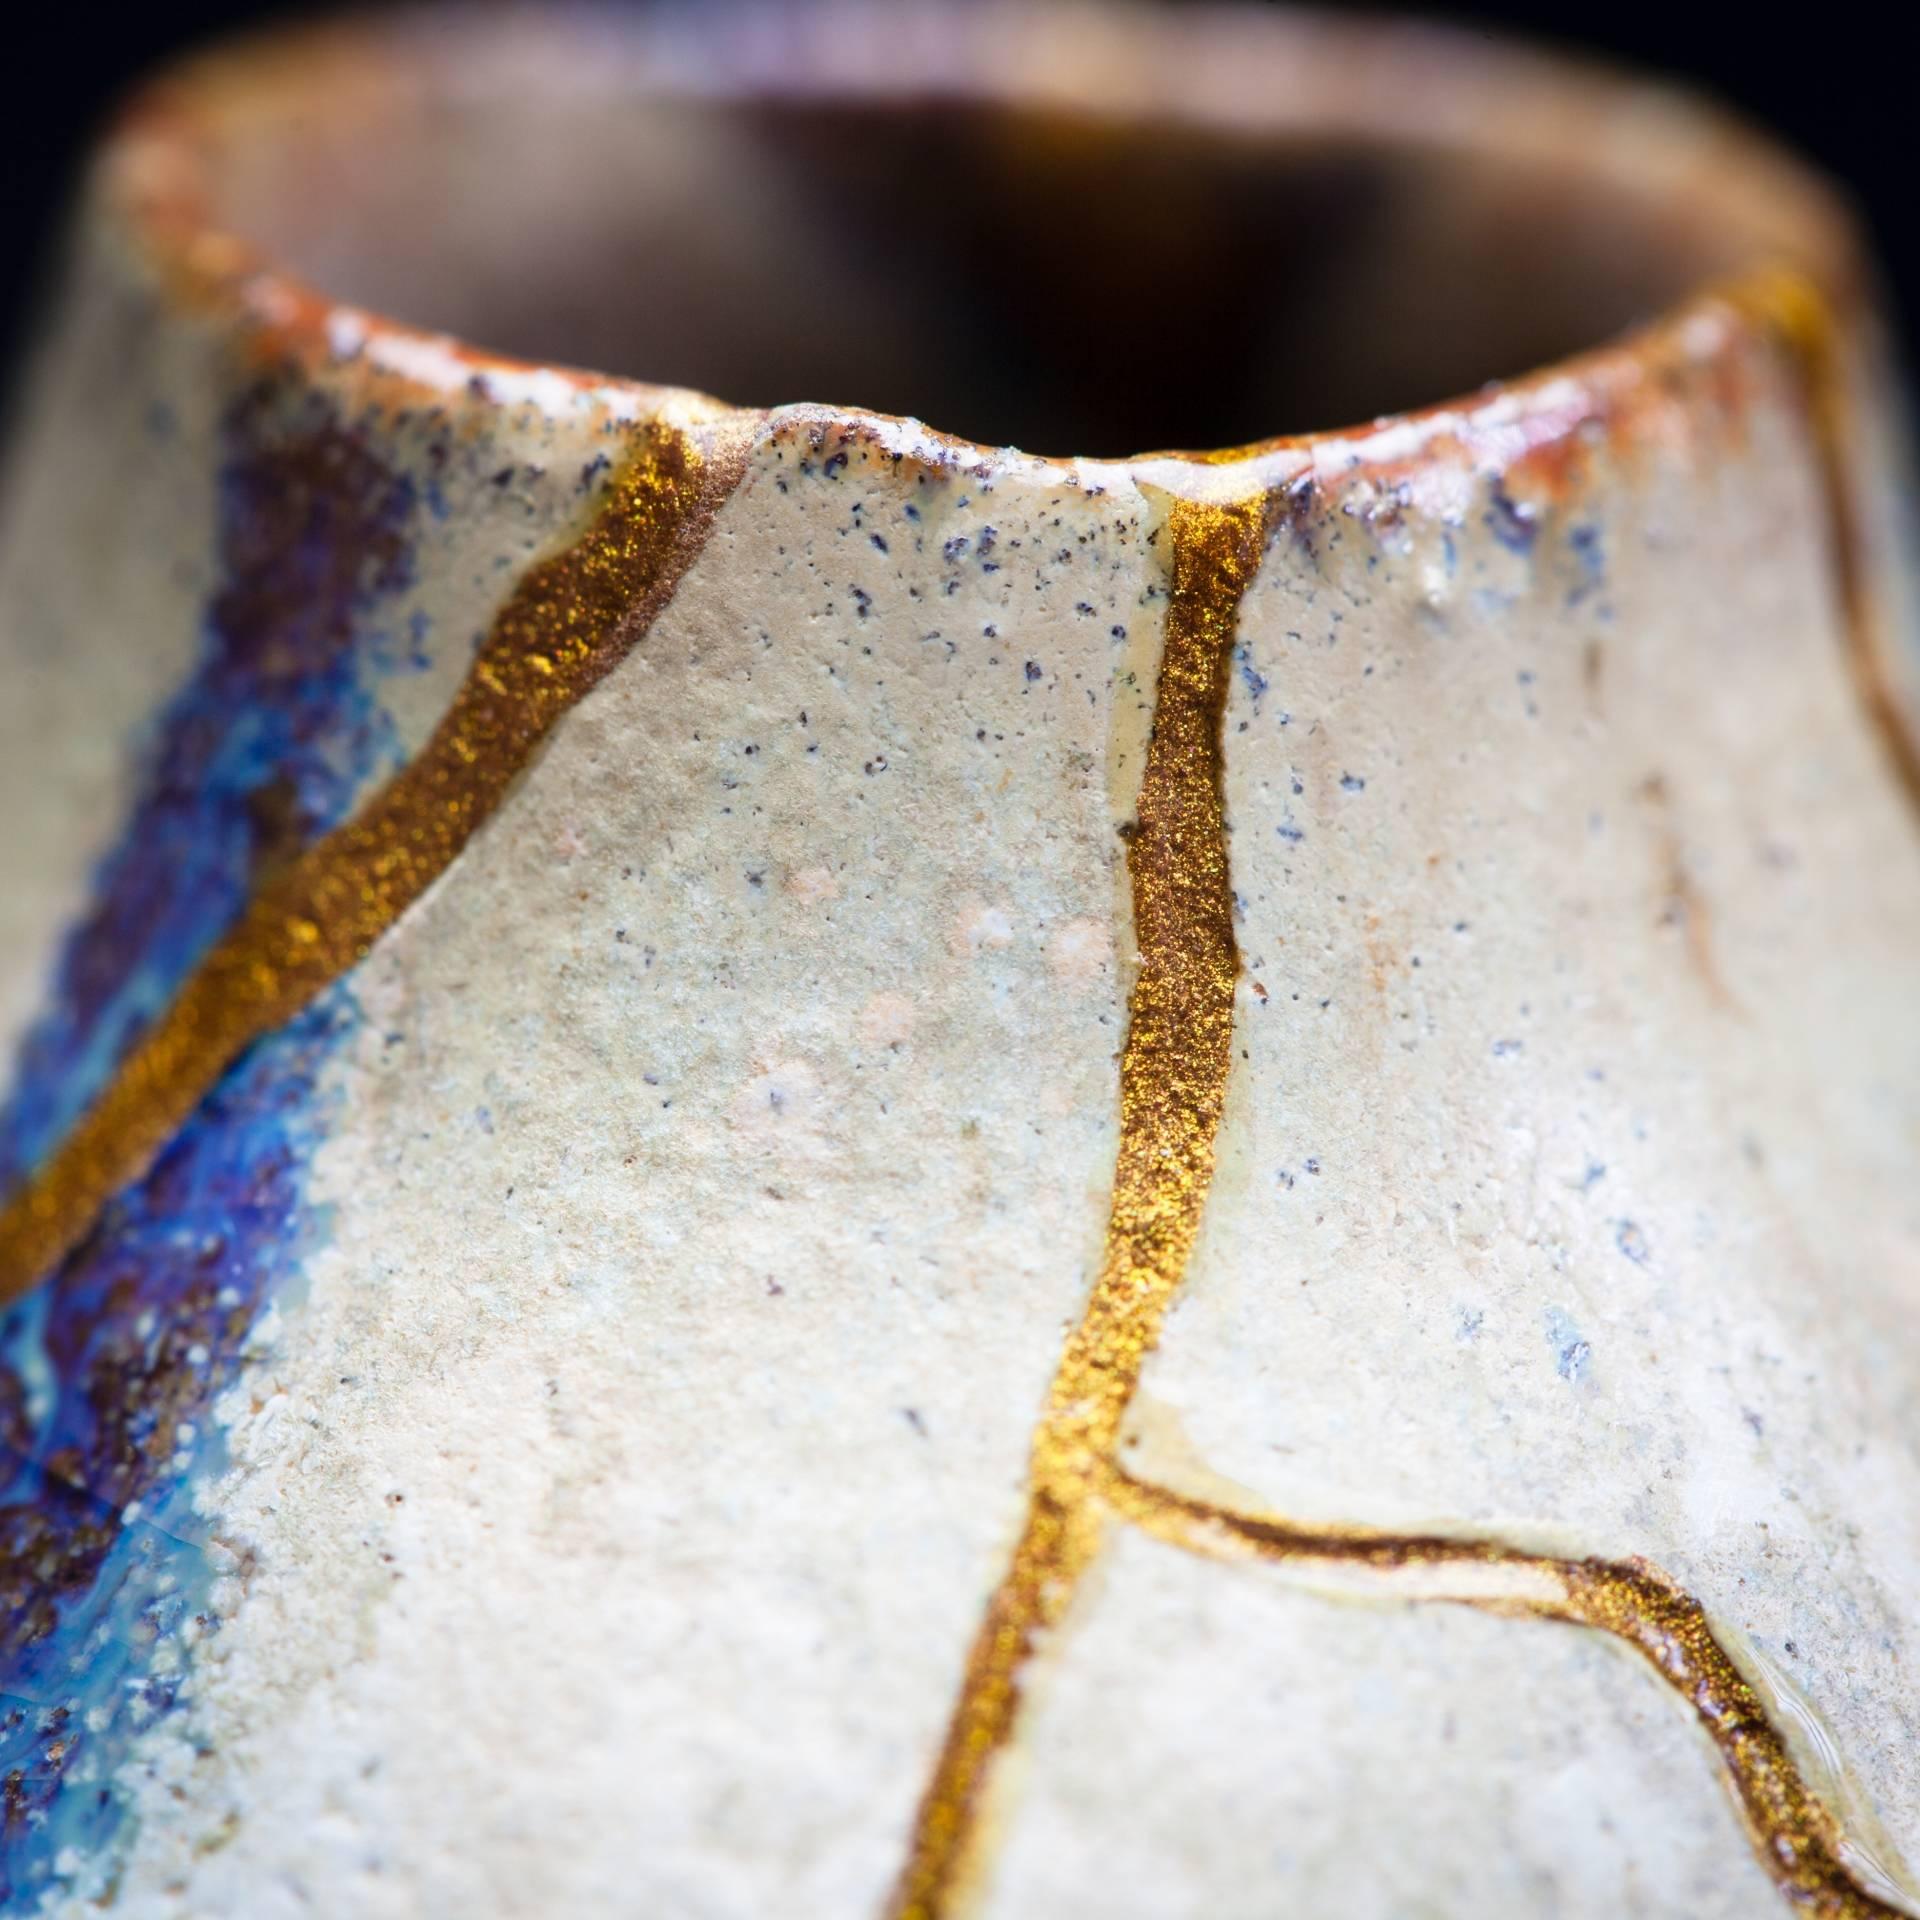 Kintsugi - japońska technika naprawiania porcelany eksponująca łączenia.